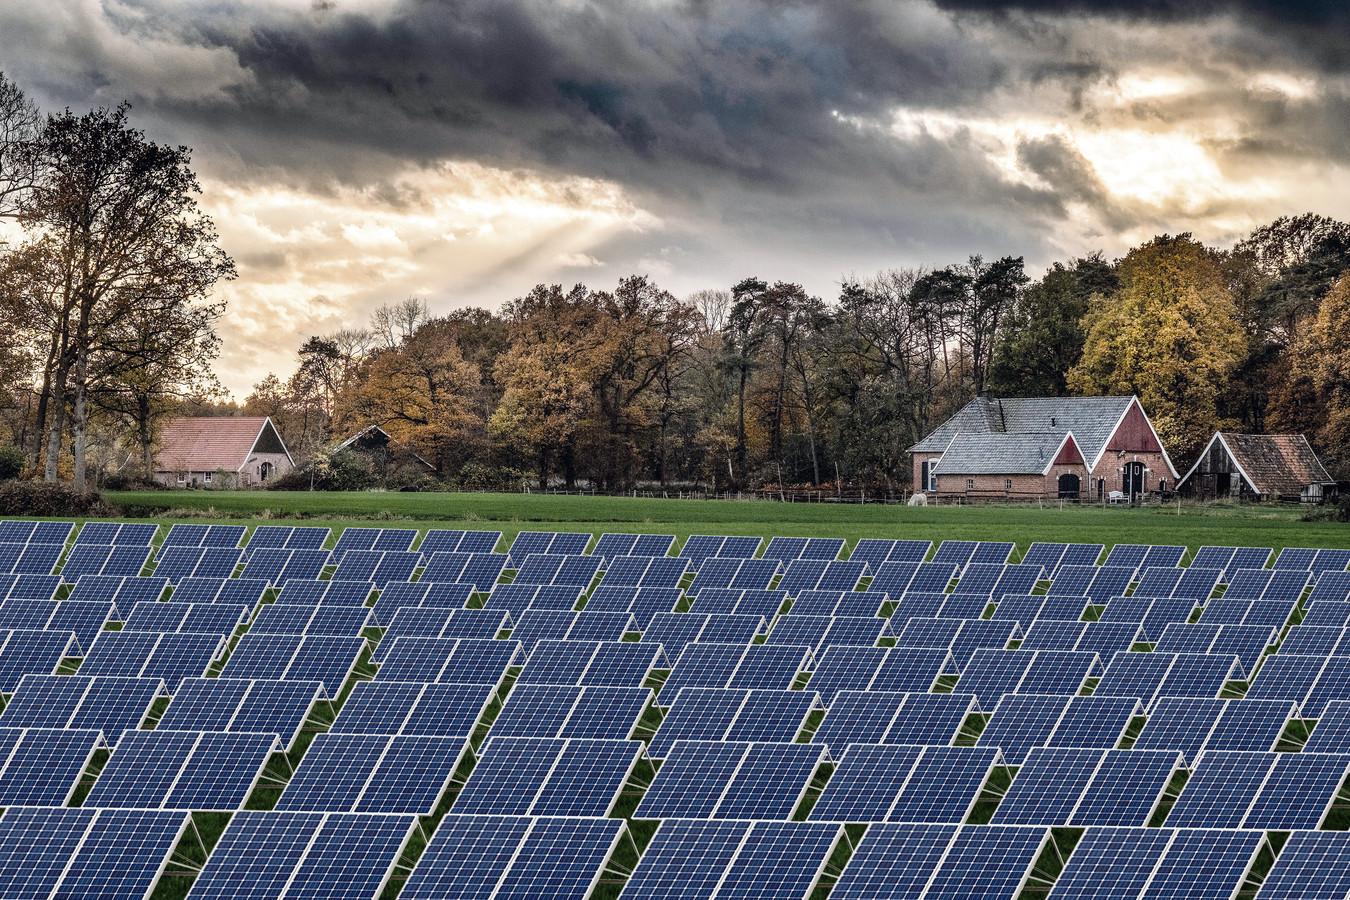 Fotomontage van een zonnepark in het Winterswijkse buurtschap Woold.